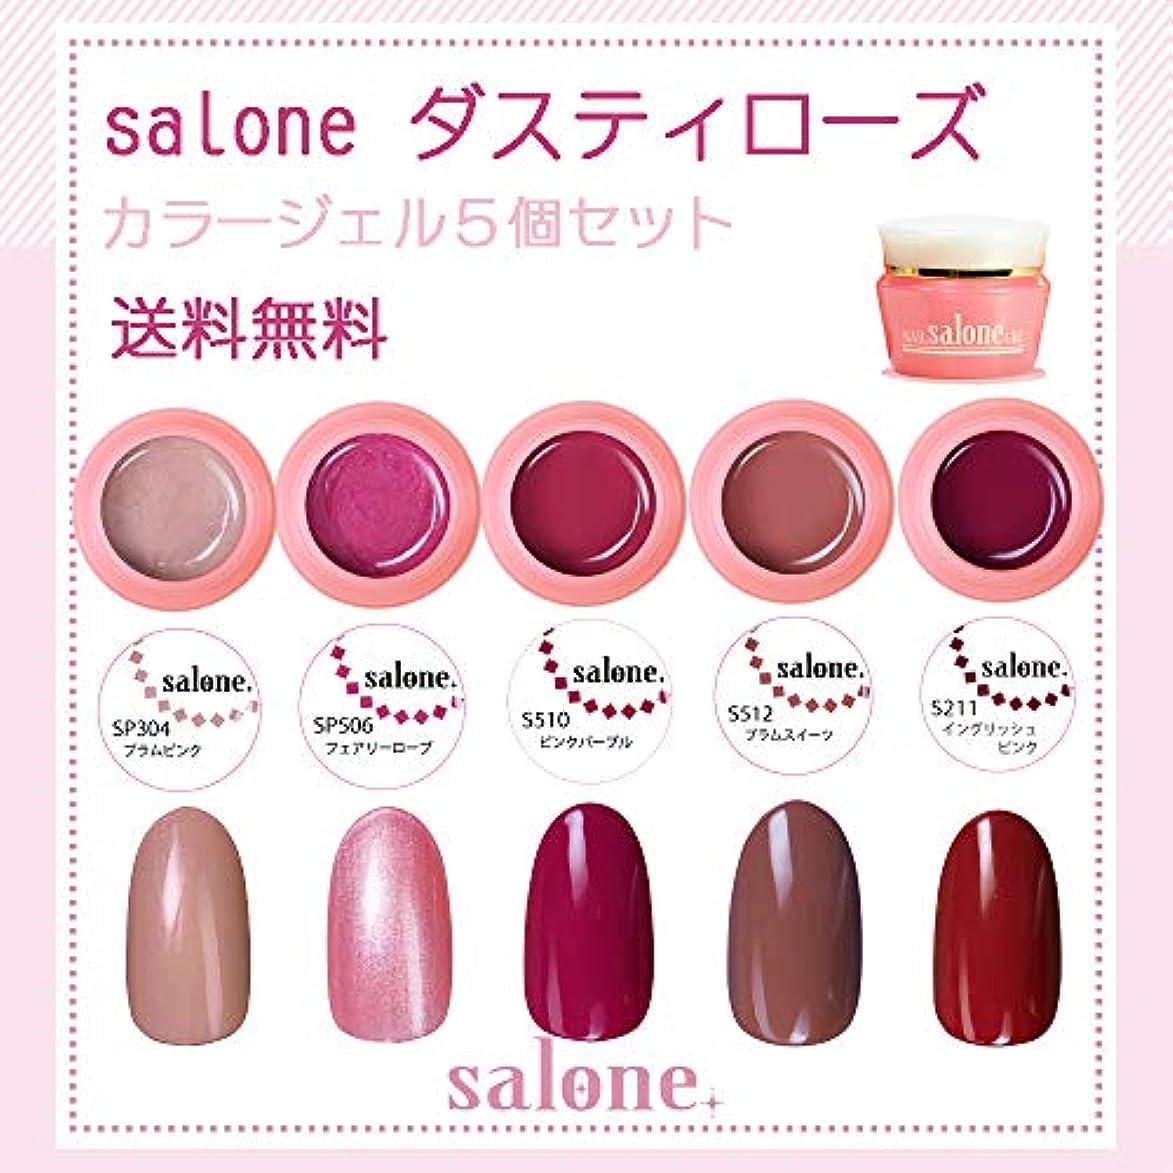 彼女無視十億【送料無料 日本製】Salone ダスティローズ カラージェル5個セット ネイルのマストカラーのローズ系カラー